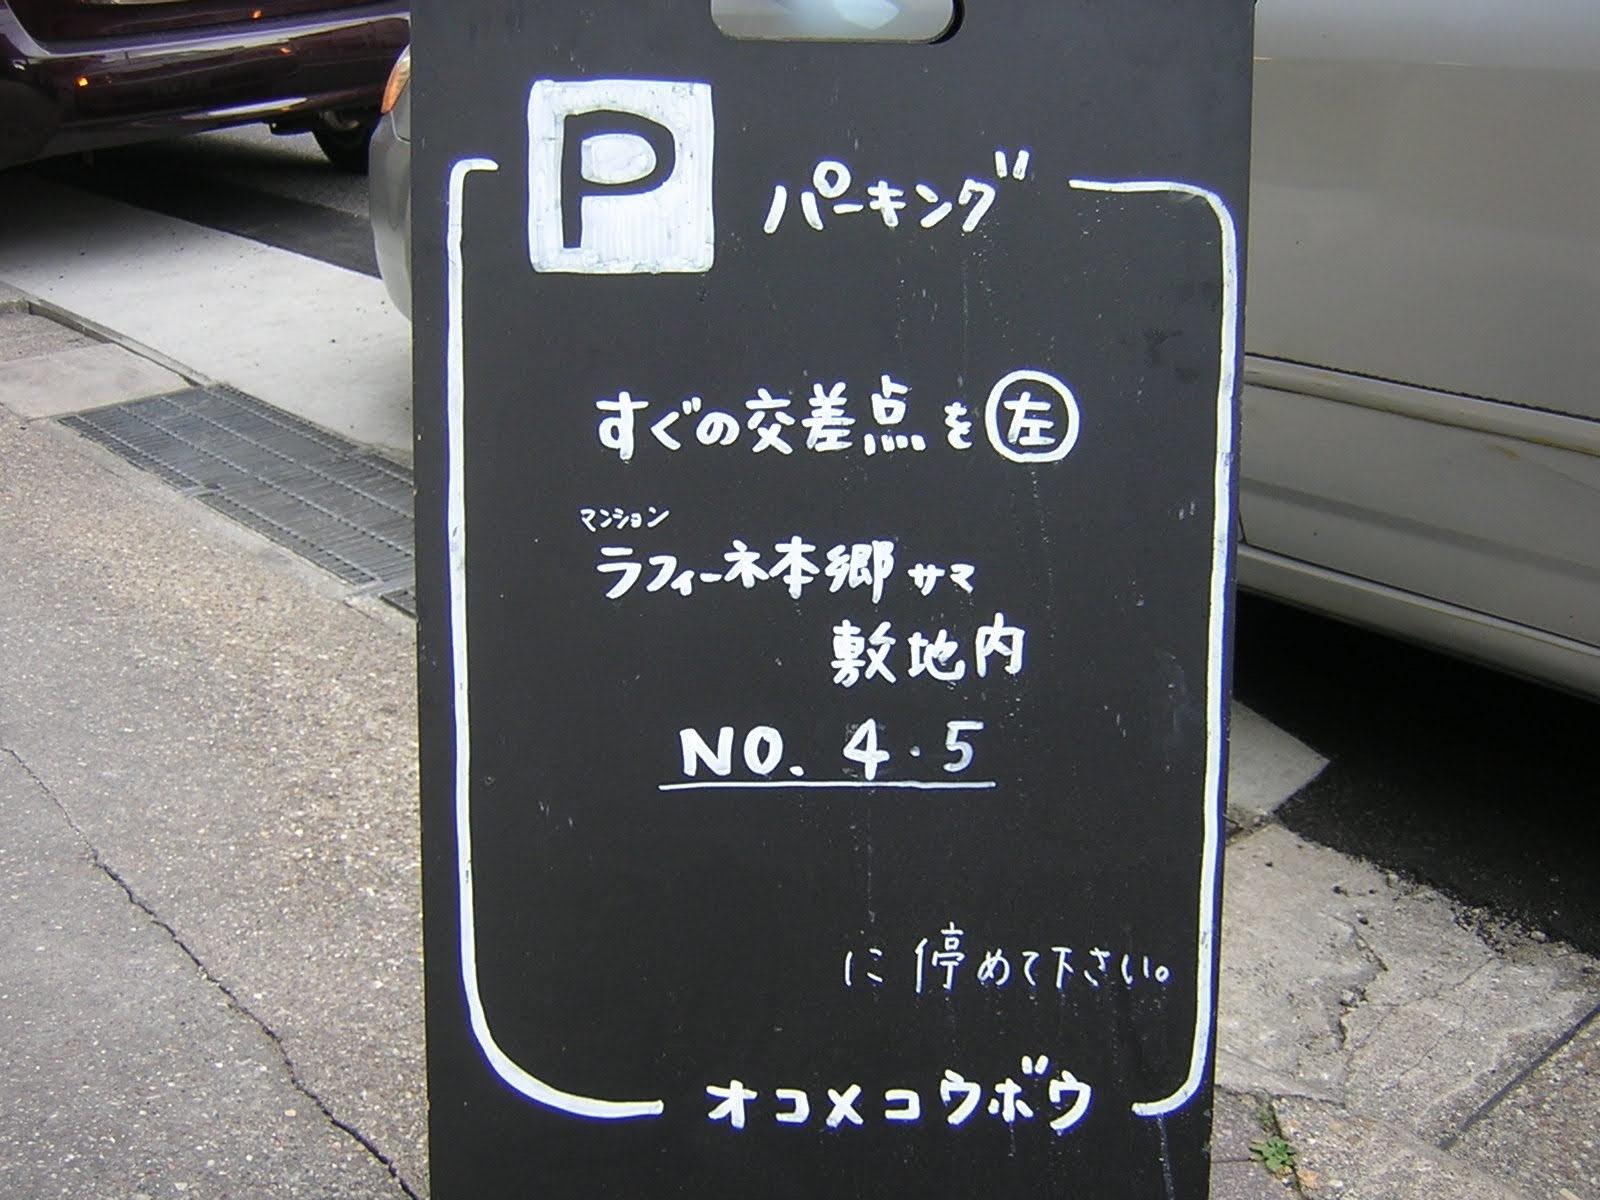 オコメコウボウの駐車場